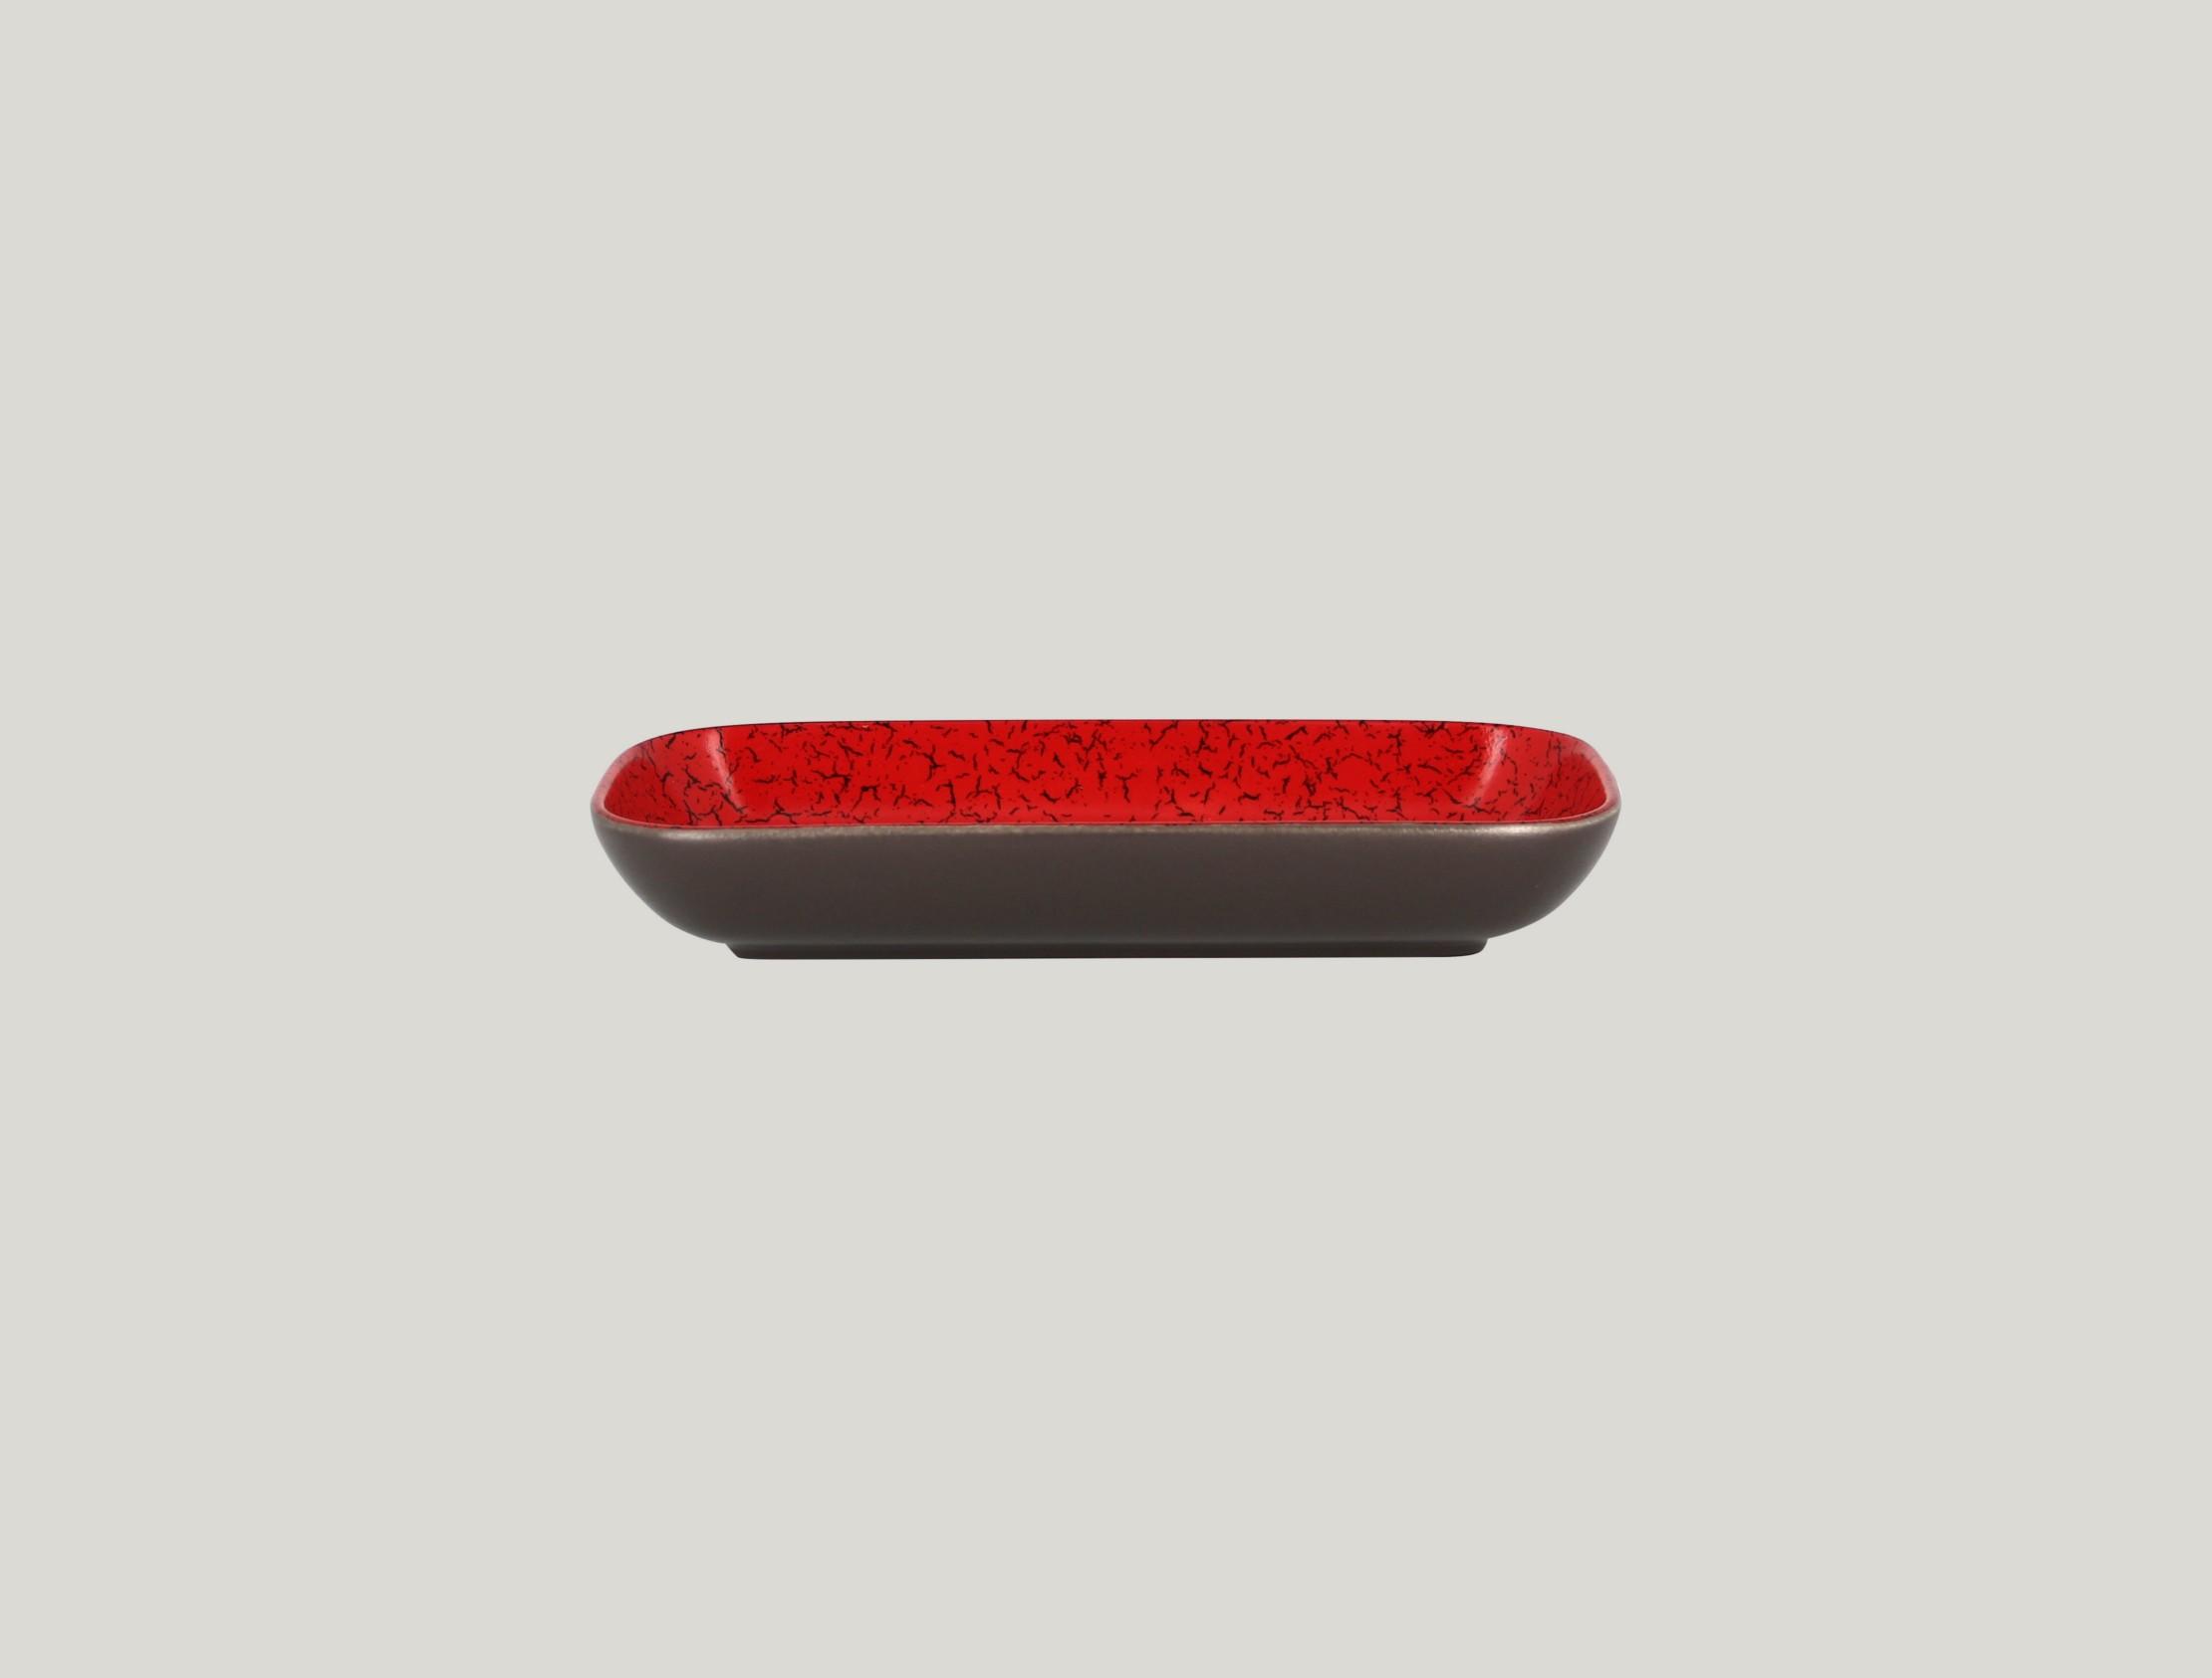 Miska obdélníková 22 x 11 cm - červená